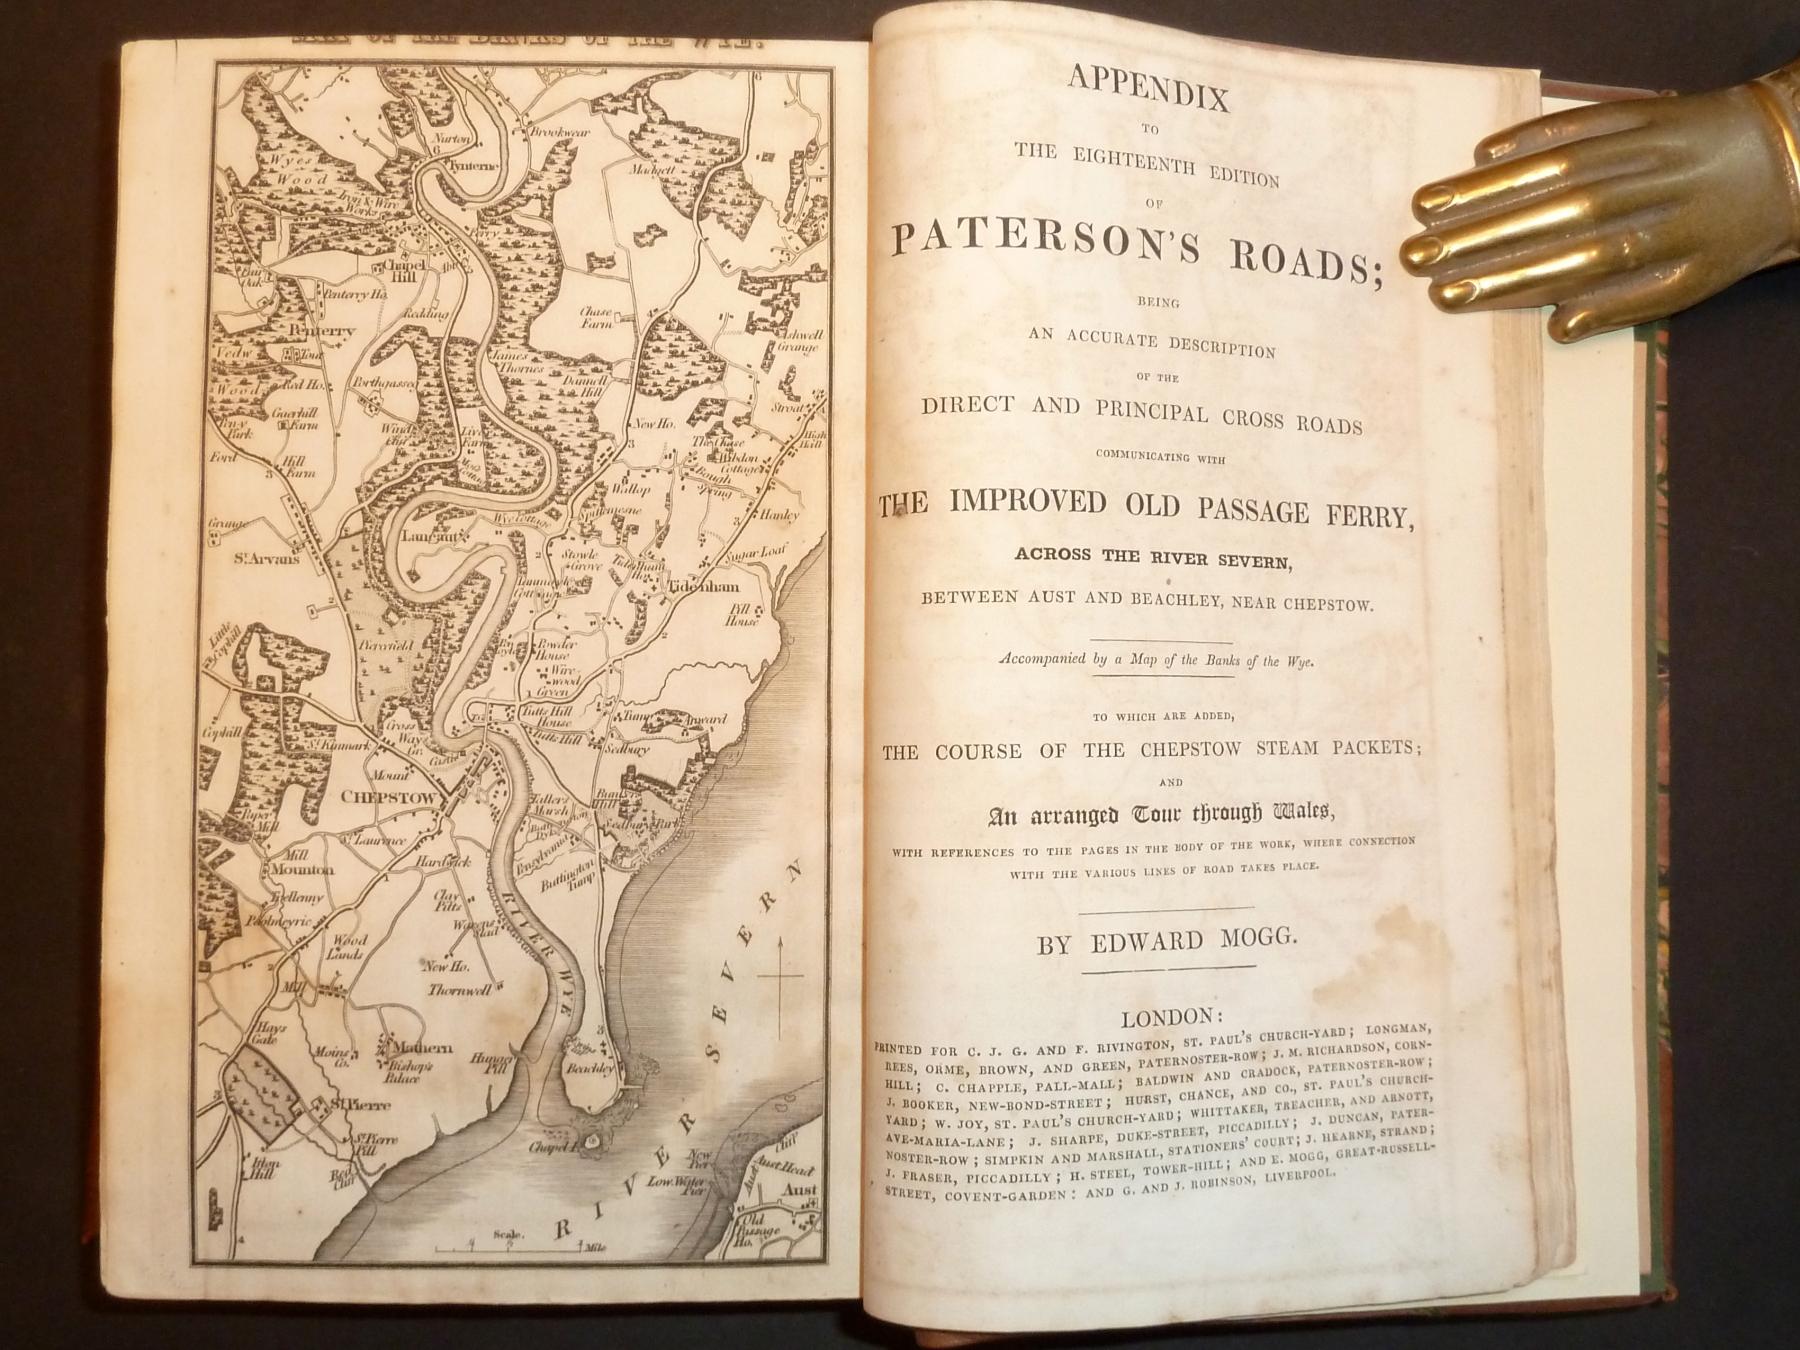 Paterson's Roads